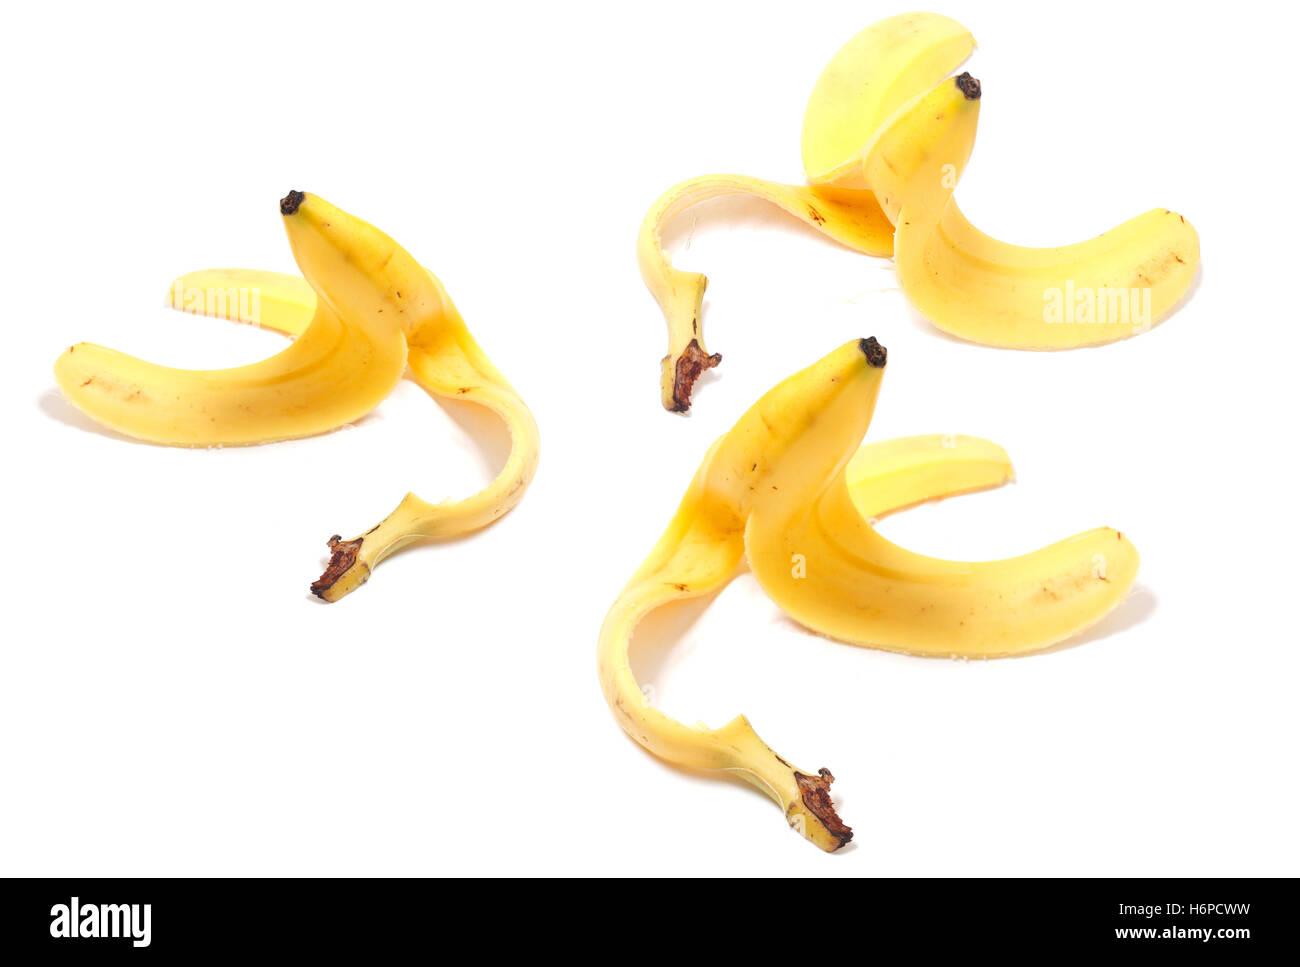 danger caution slippery banana peel danger caution slippery warning banana peel conceptual pictogram symbol pictograph - Stock Image